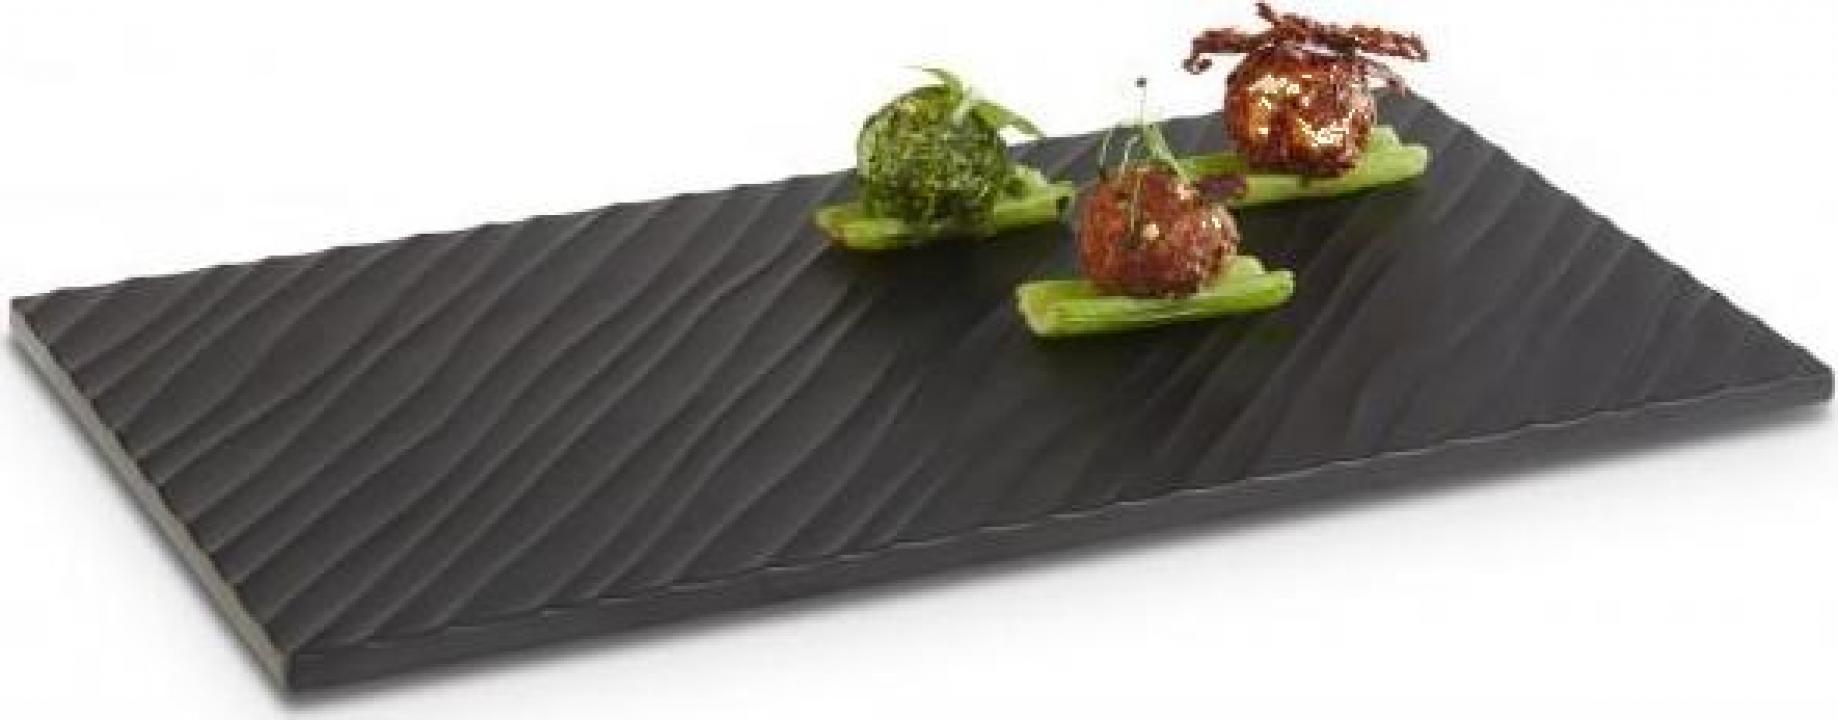 Platou melamina negru, 32.5x17.5 cm